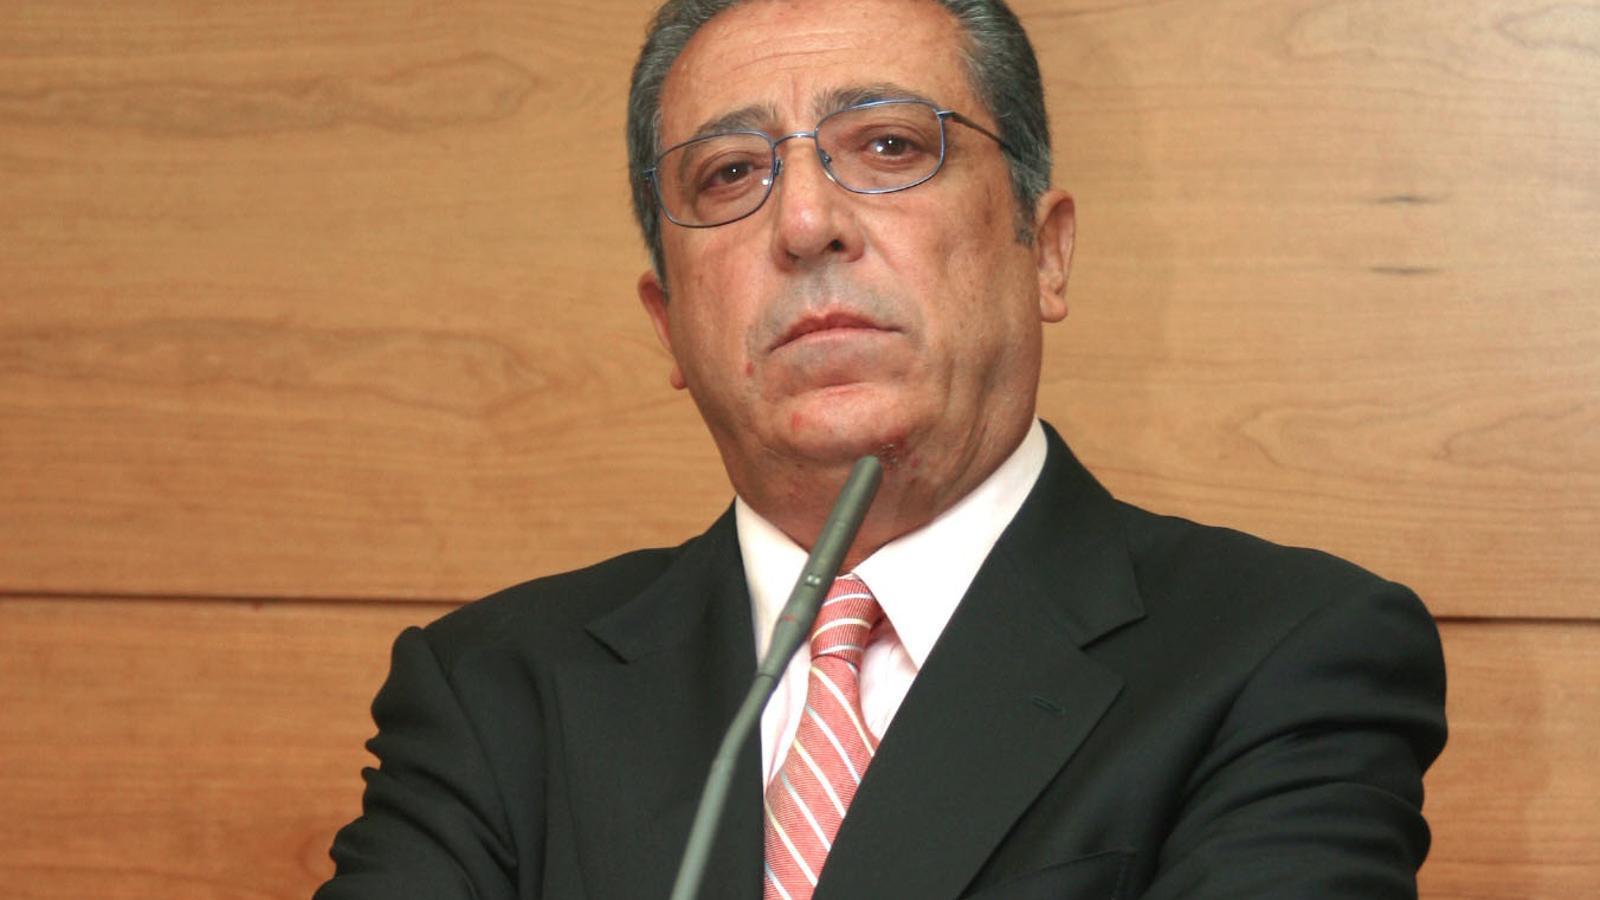 L'empresari Rafael Español en una imatge del 2002 a Palma de Mallorca